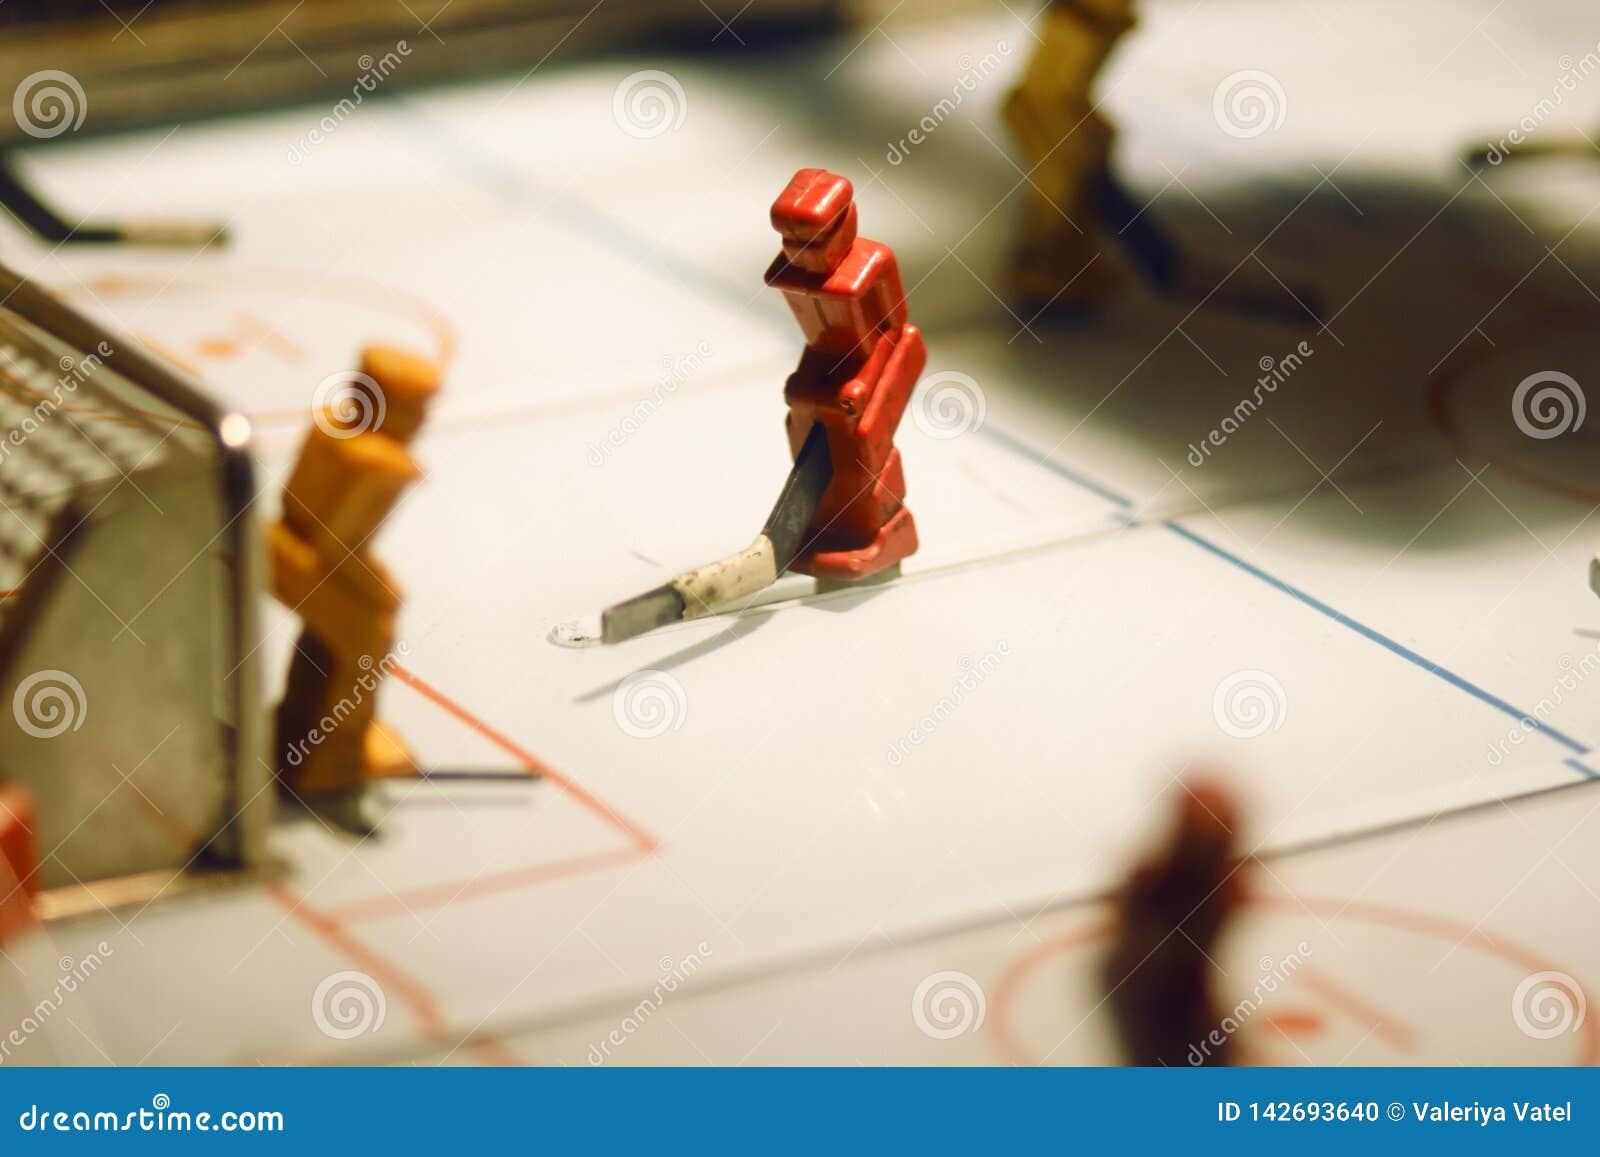 与曲棍球运动员图的台式游戏机